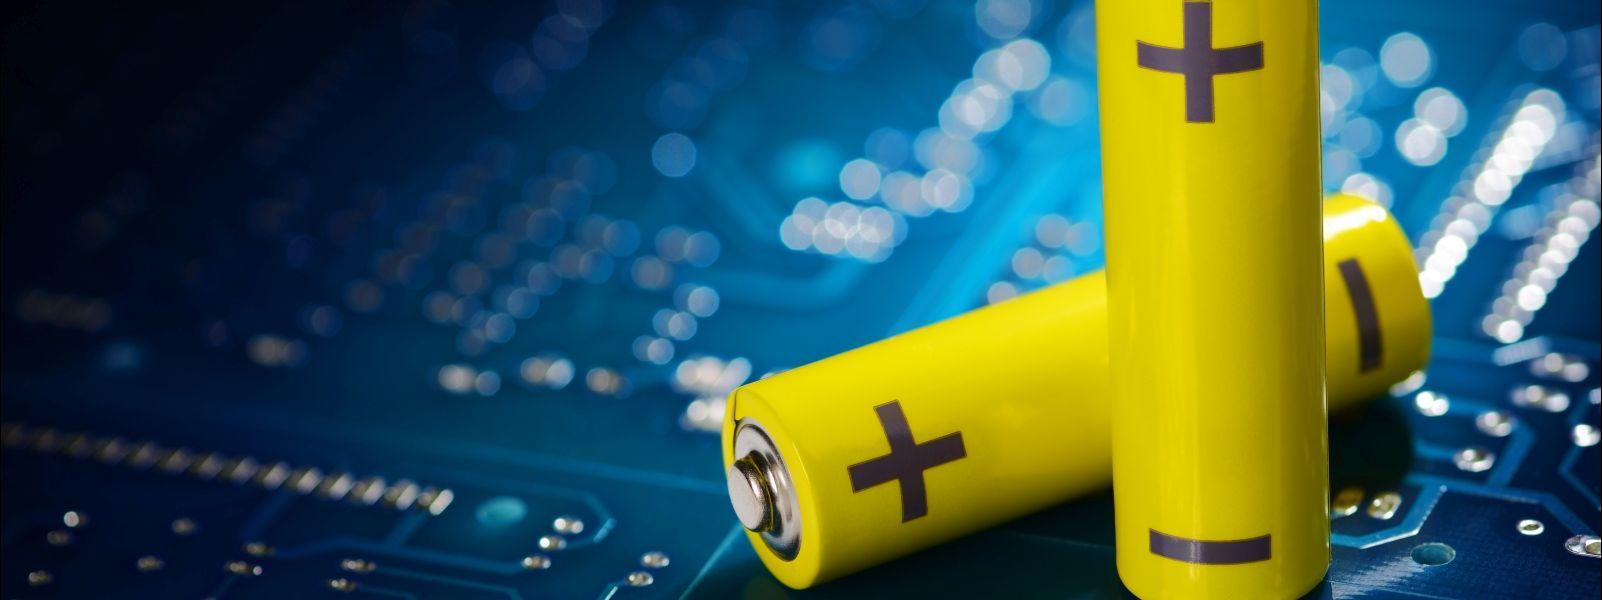 Symbolbild Batterien auf Platine